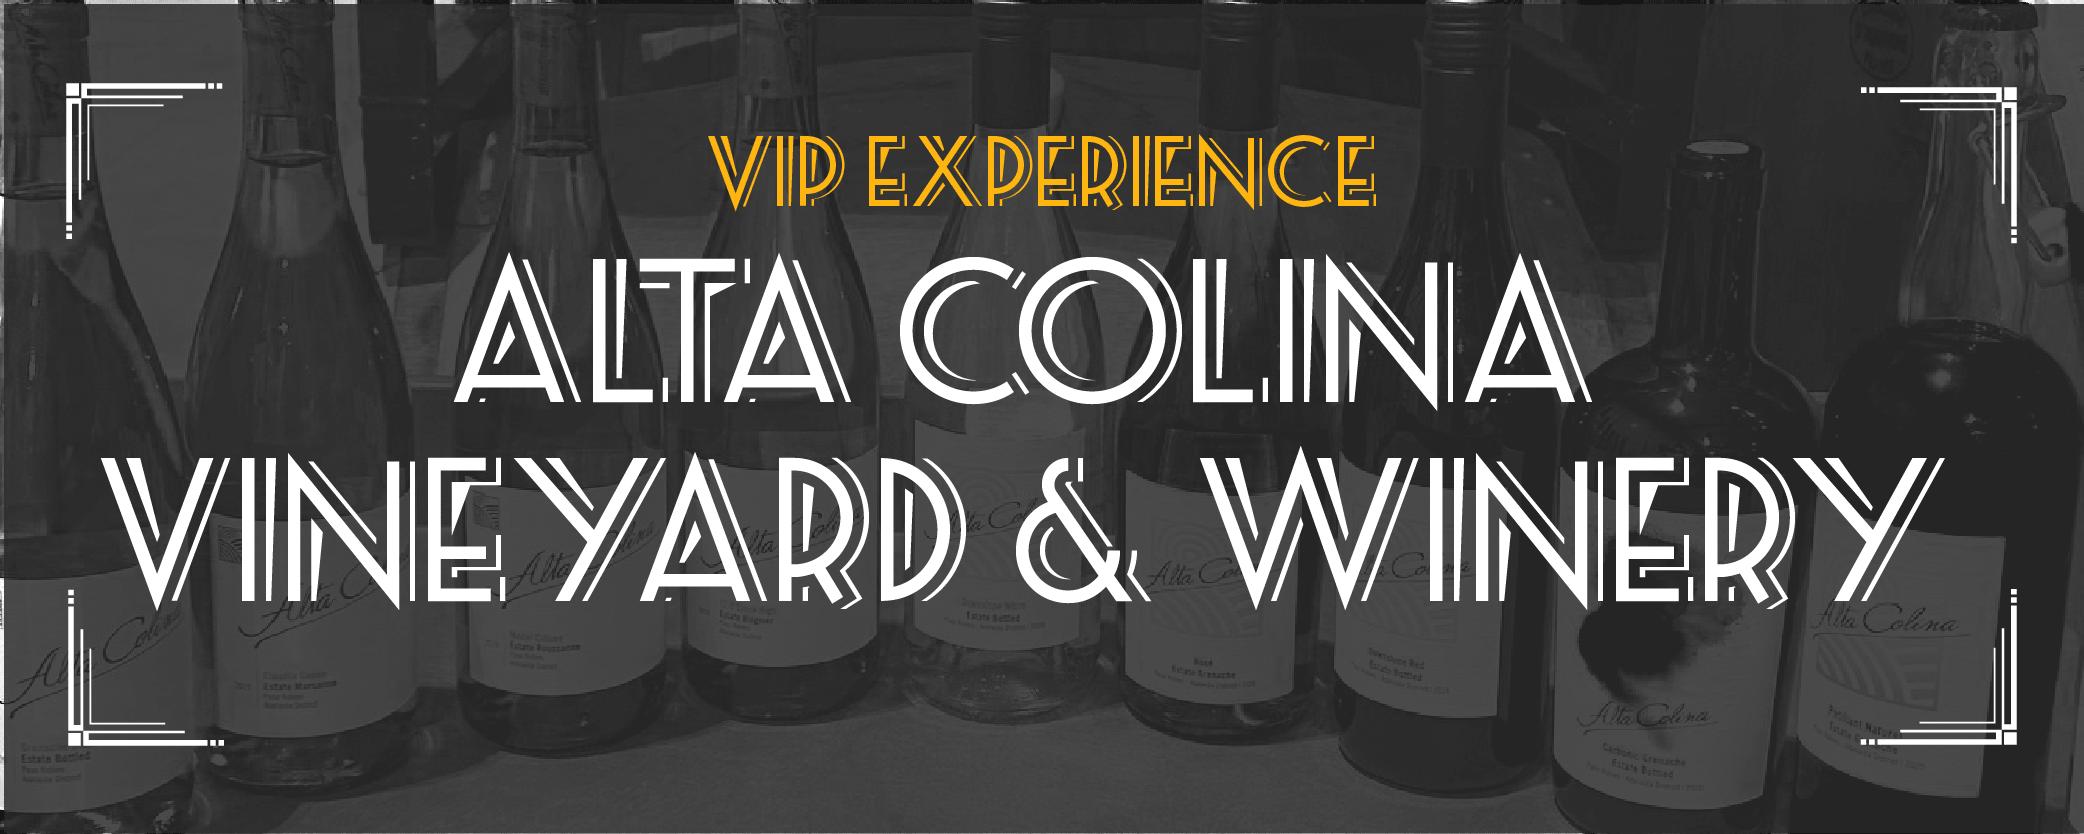 wine vip experience speakeasy chamber gala